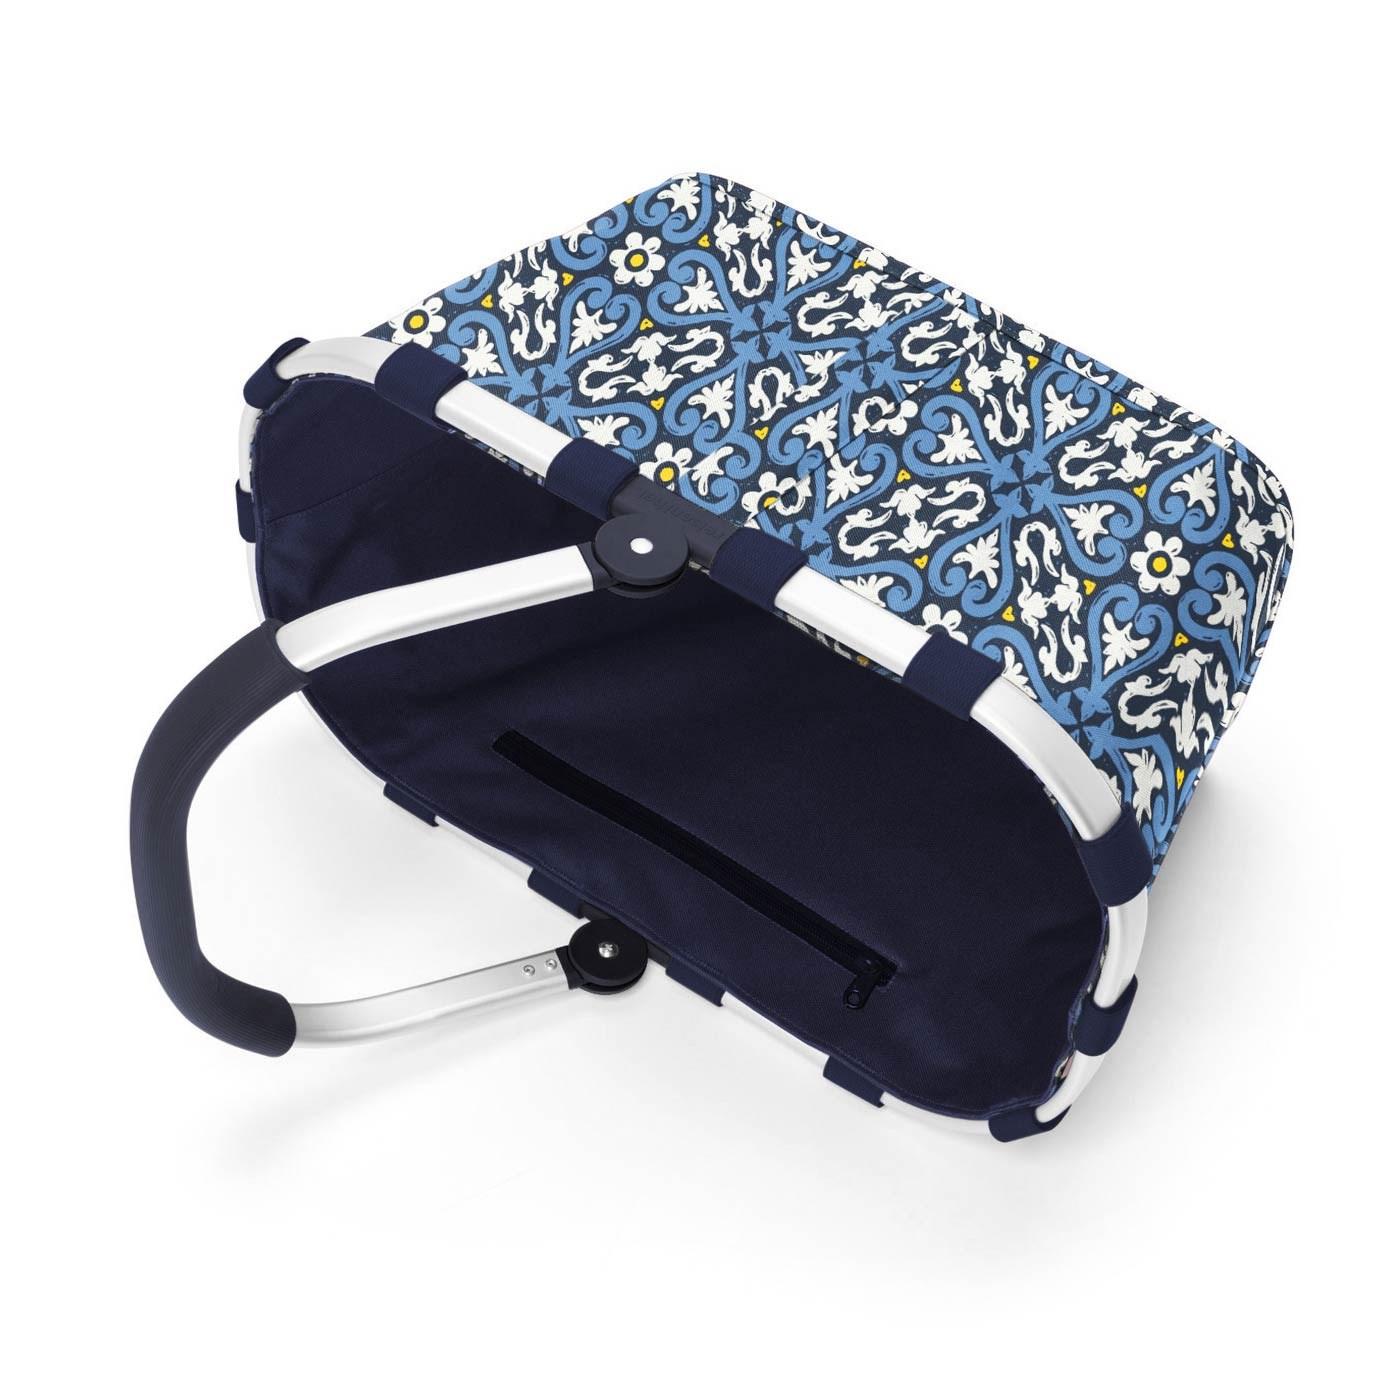 Nákupní košík Carrybag floral 1_0